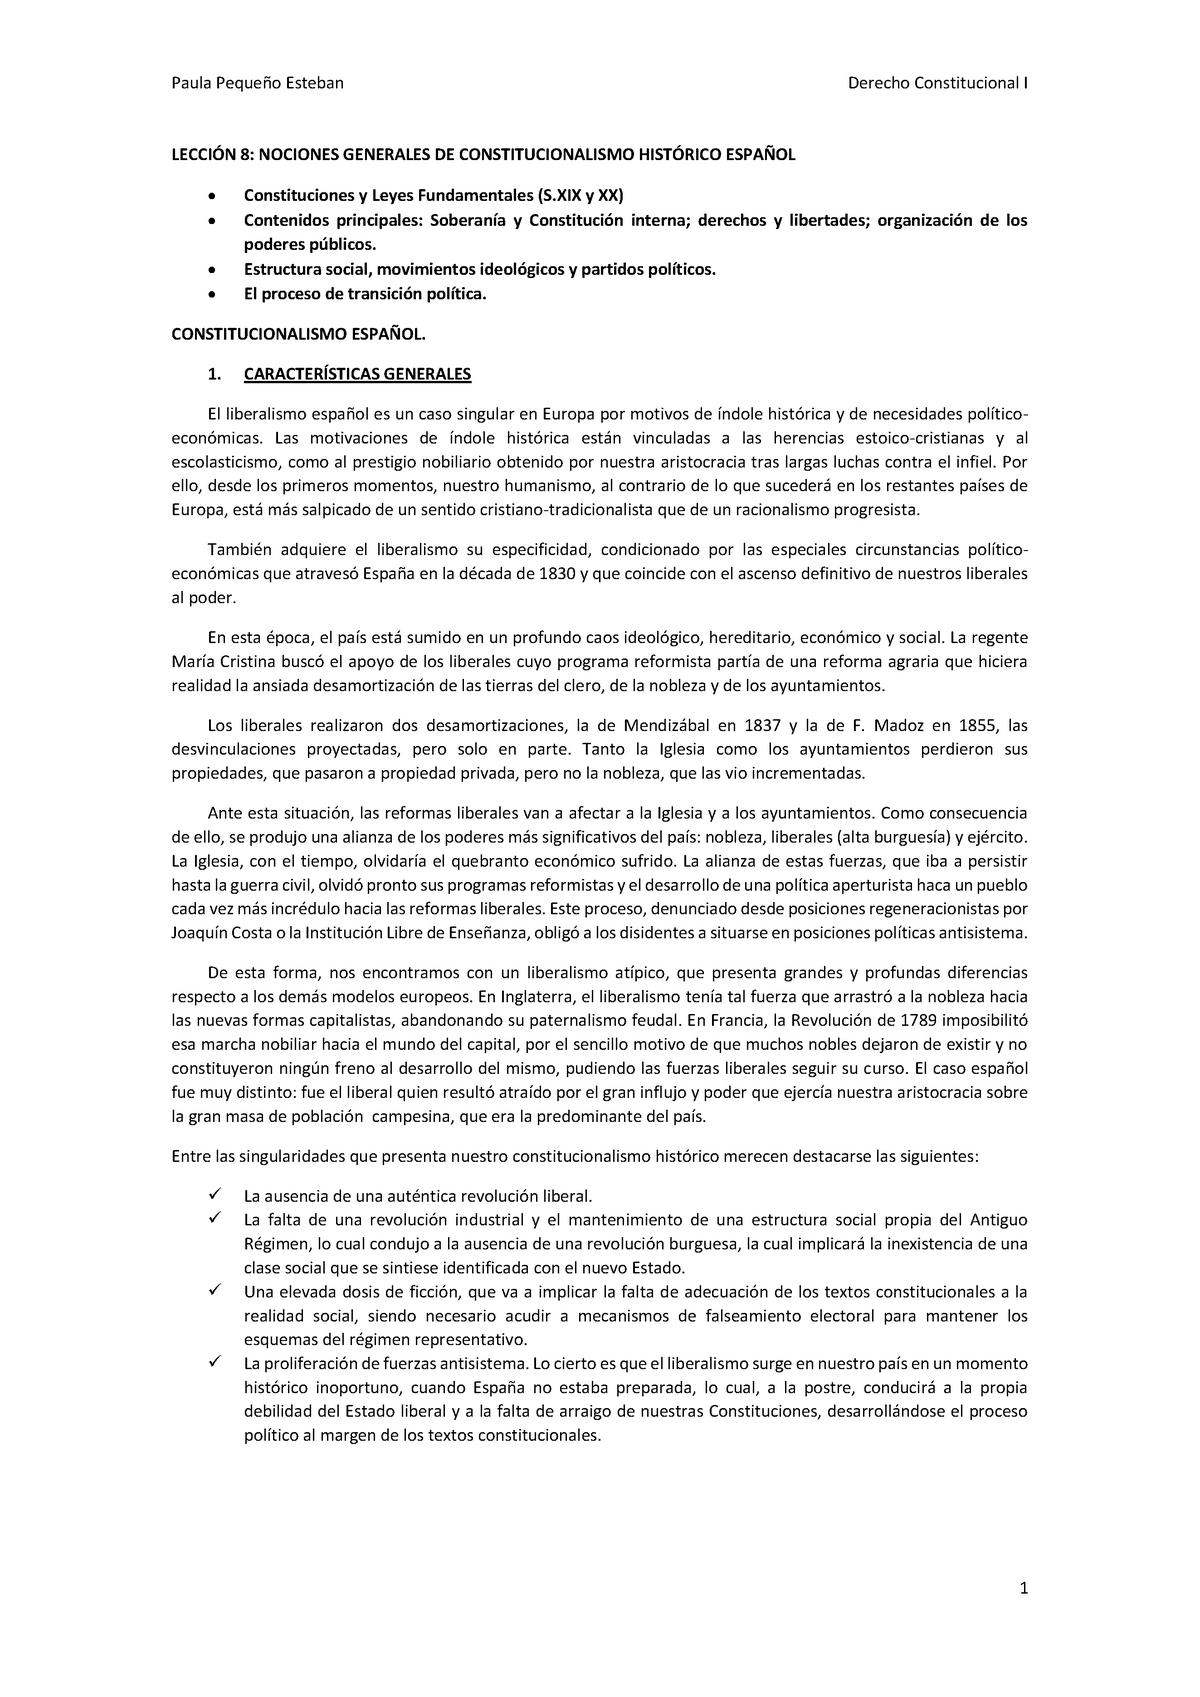 Lección 8 Tema 7 Derecho Constitucional Deusto Studocu